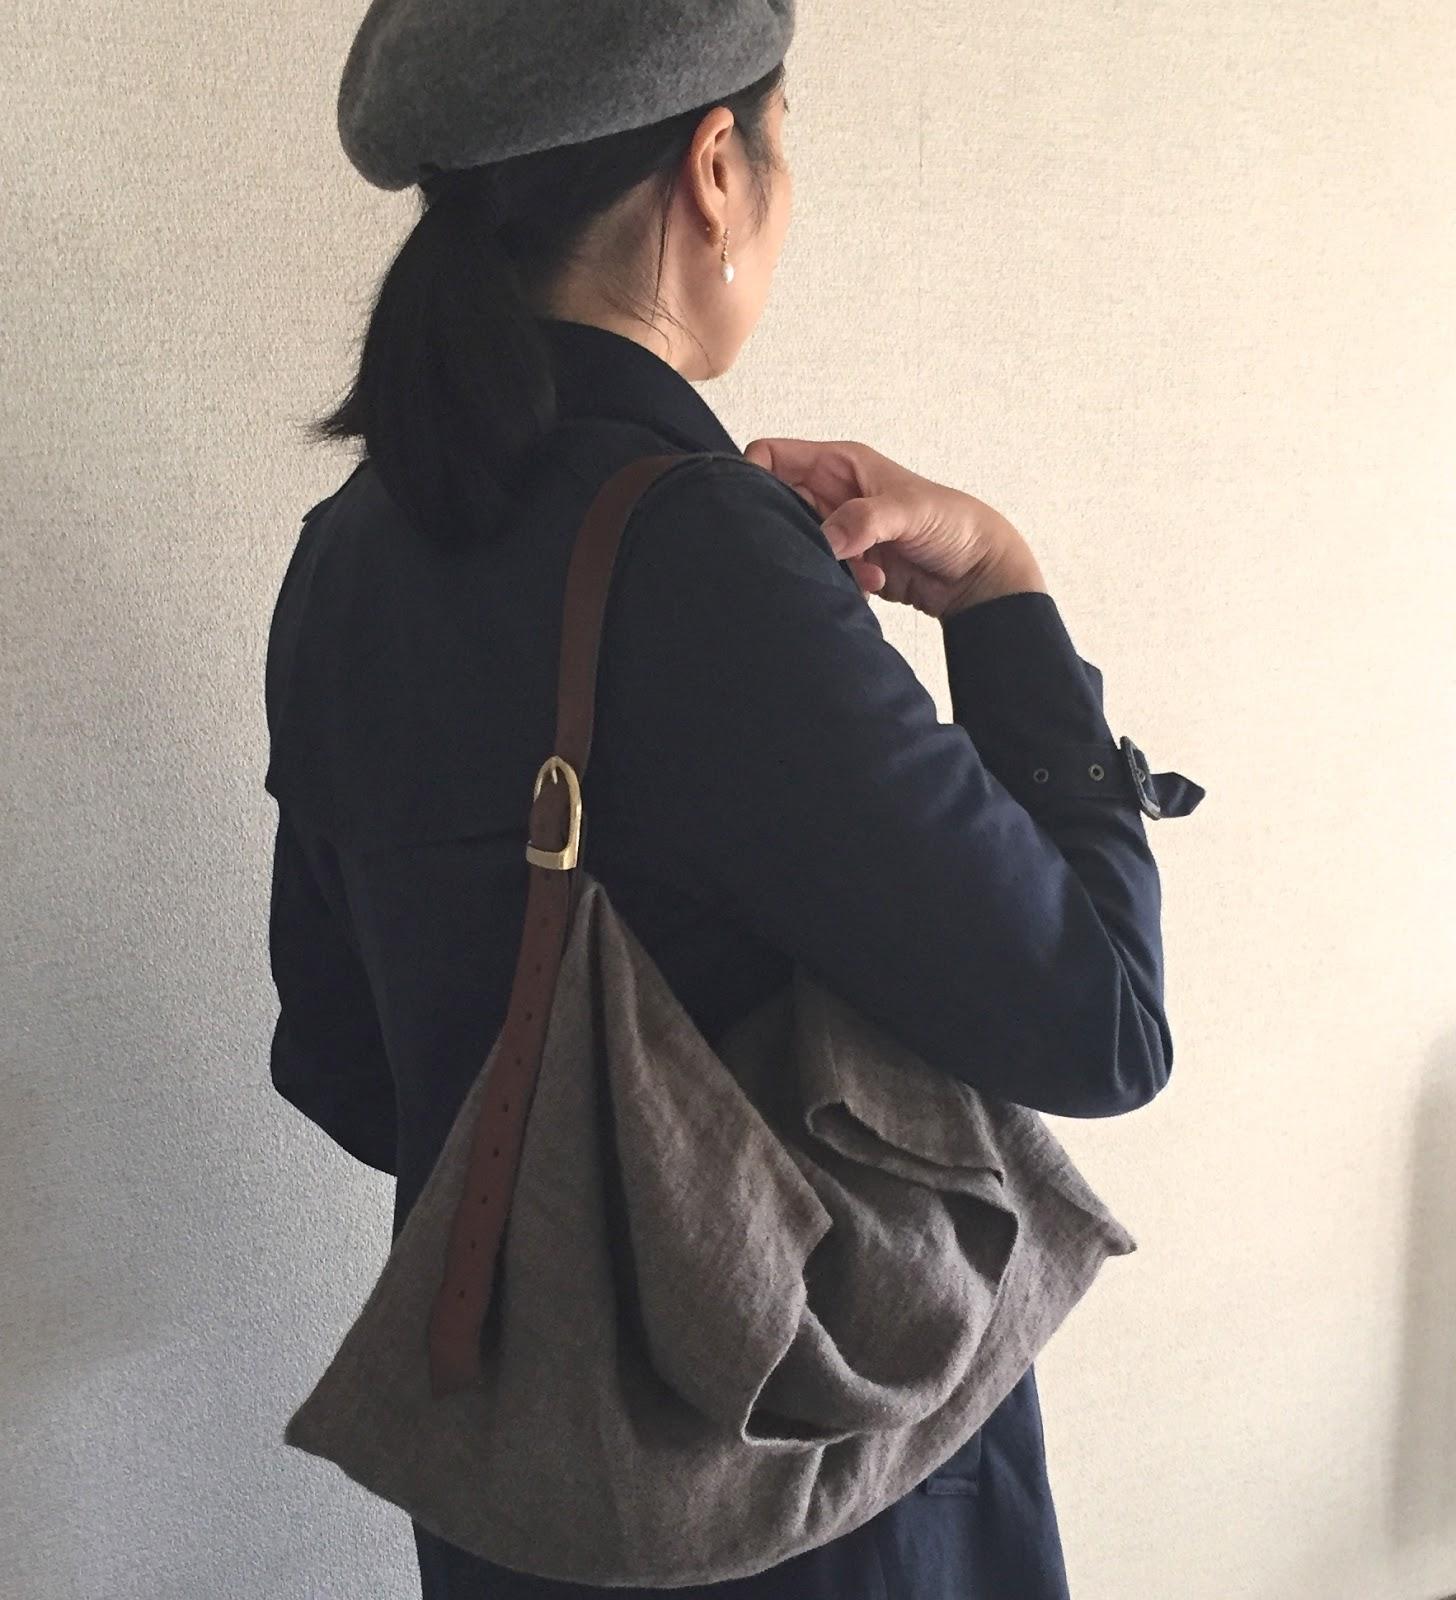 ラミーリネンと革のバッグ